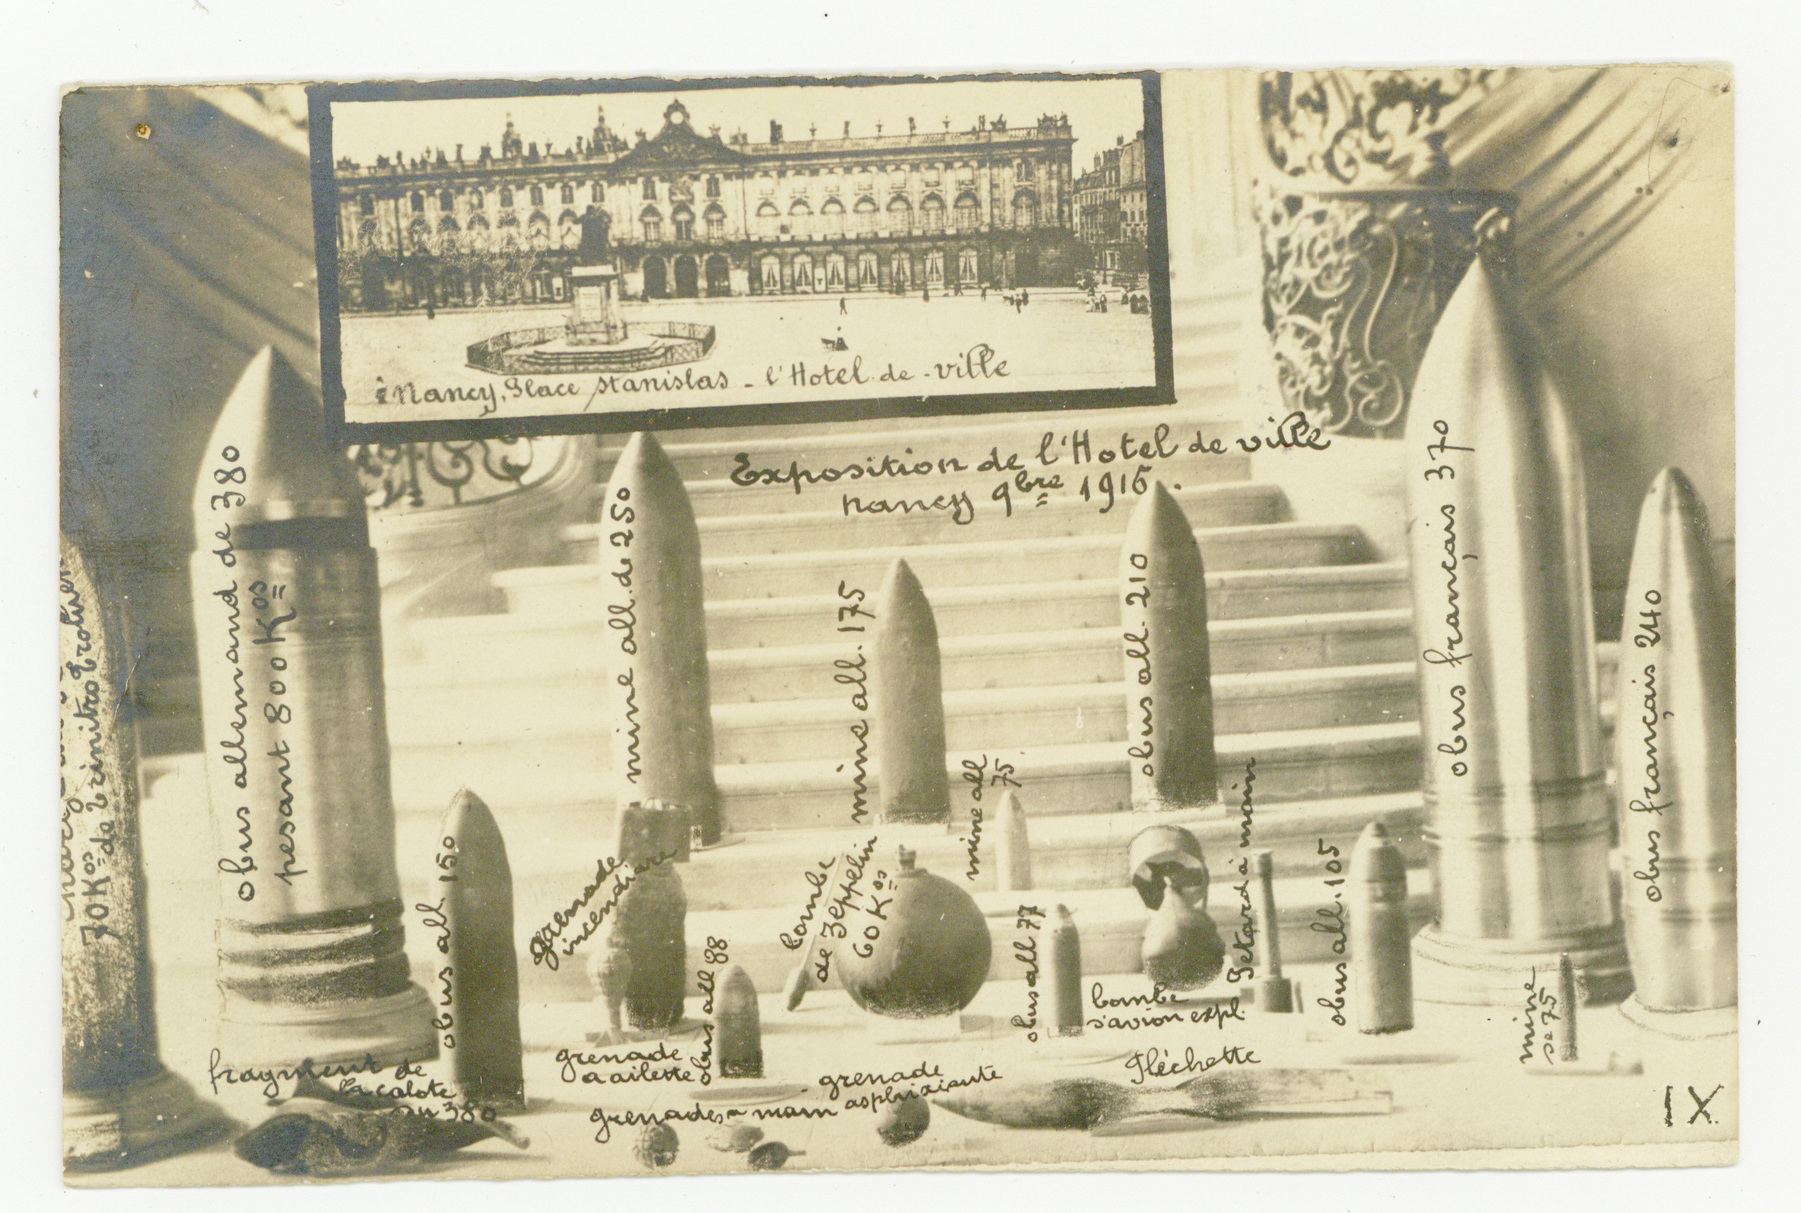 Contenu du Exposition particulière à l'Hôtel de ville.